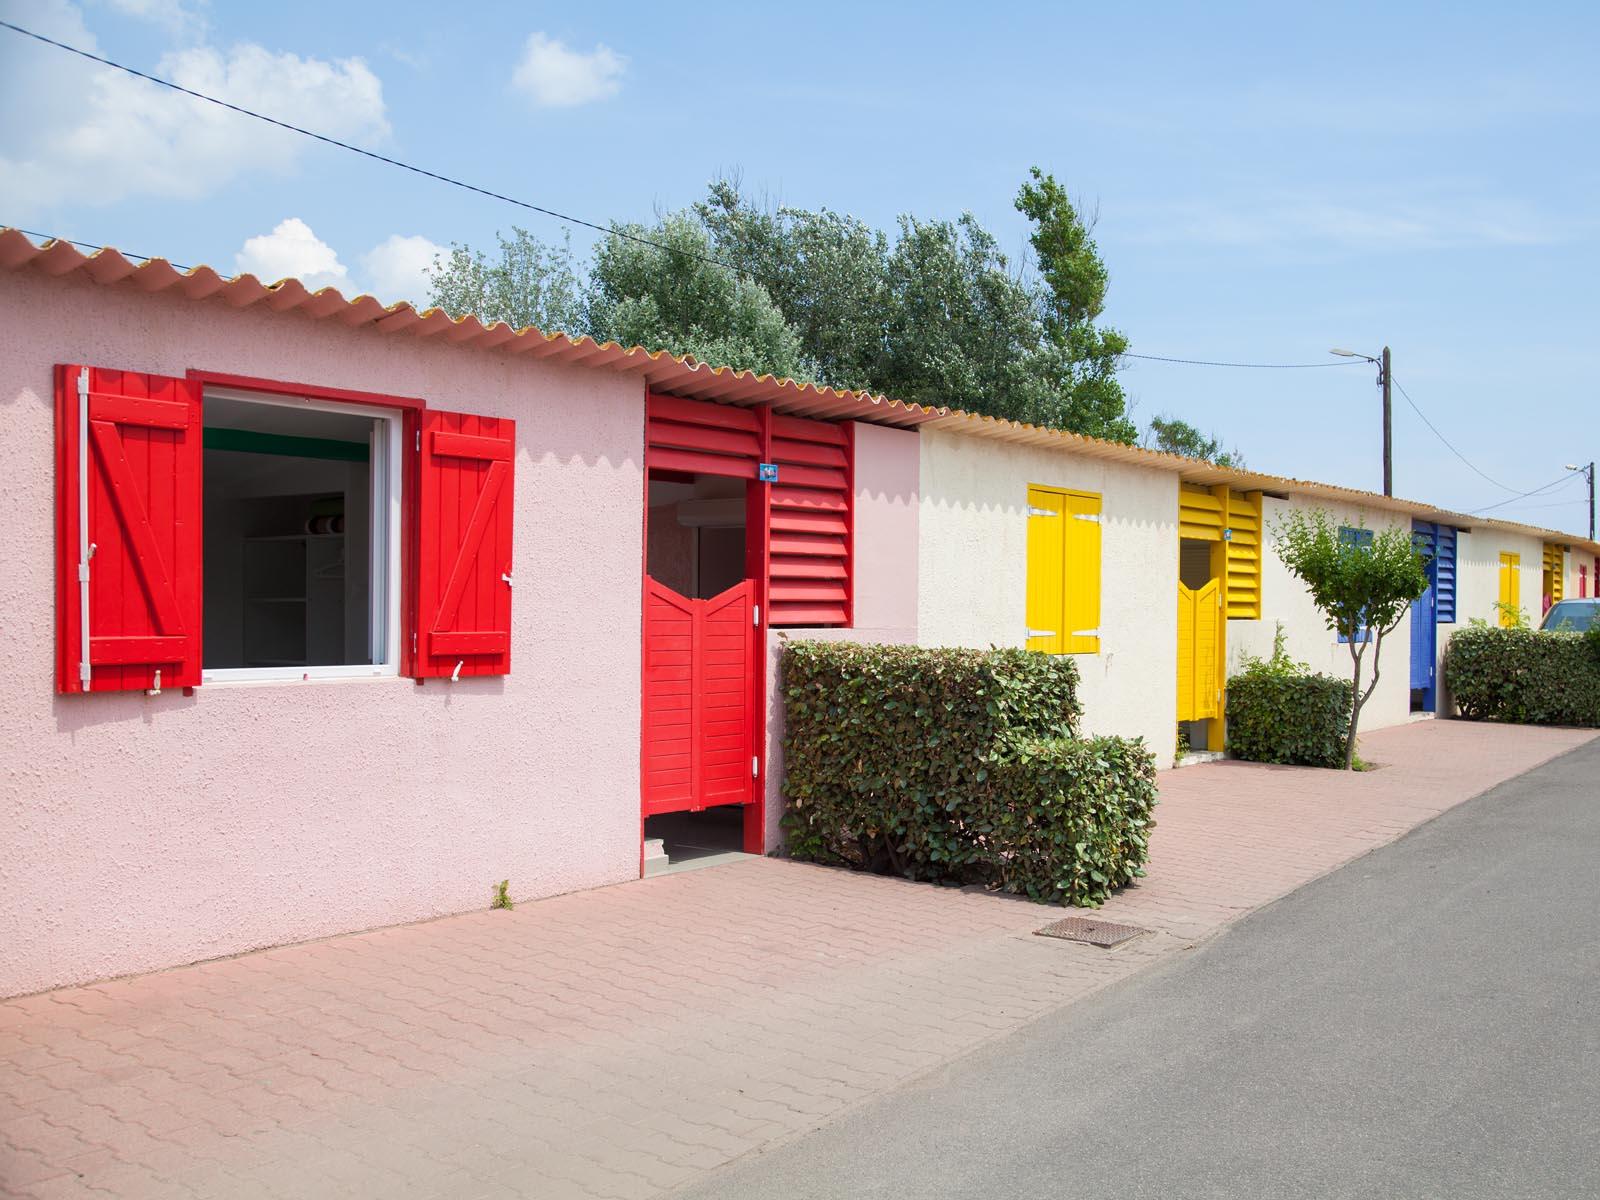 Studios aux devantures colorées